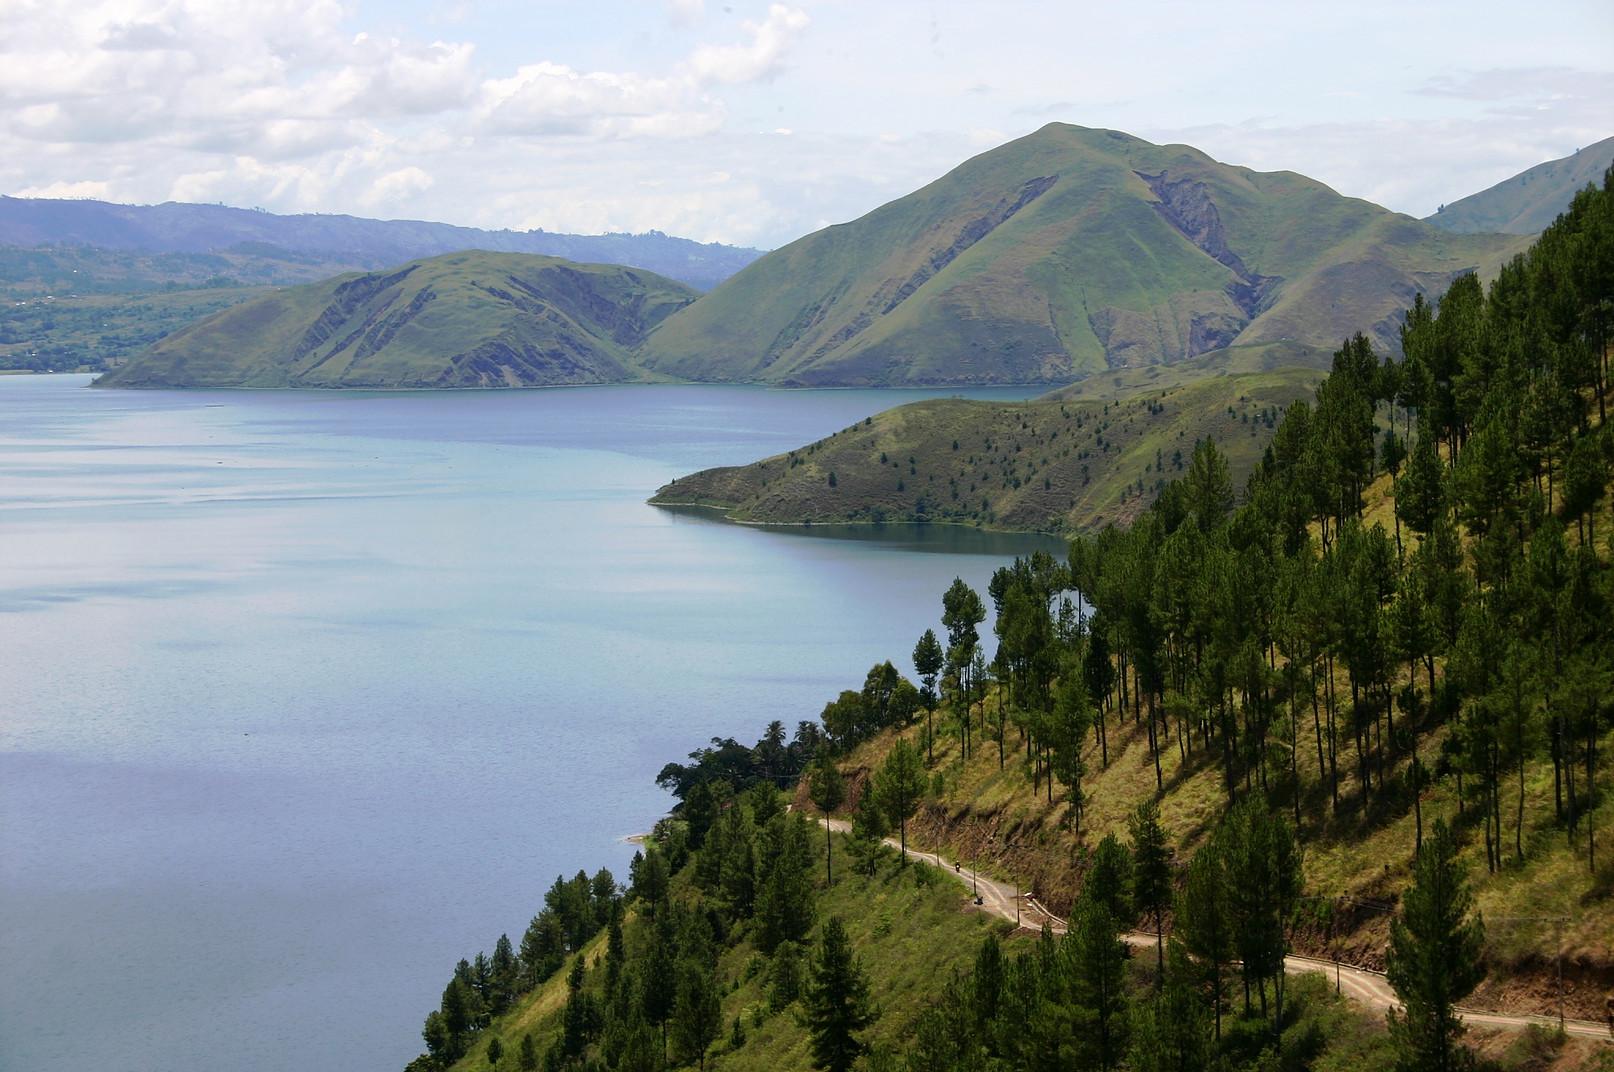 Voyage vélo Indonésie, Voyages d'Ailleurs, Lac Toba, Sumatra